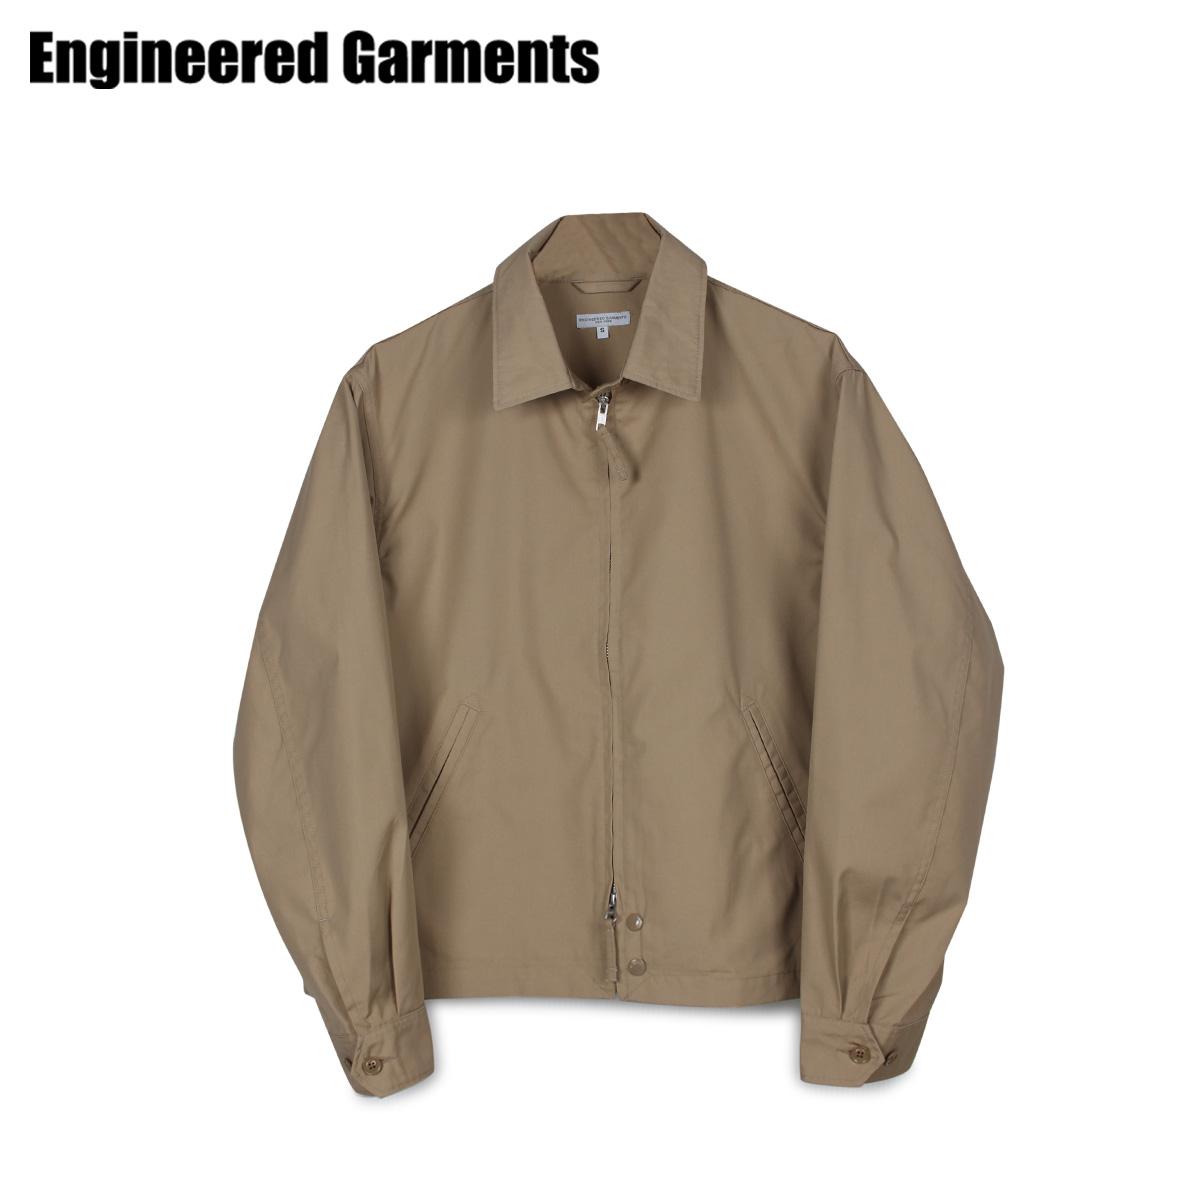 【最大2000円OFFクーポン】 エンジニアドガーメンツ ENGINEERED GARMENTS ジャケット メンズ CLAIGTON JACKET カーキ 20S1D026 [4/22 新入荷]